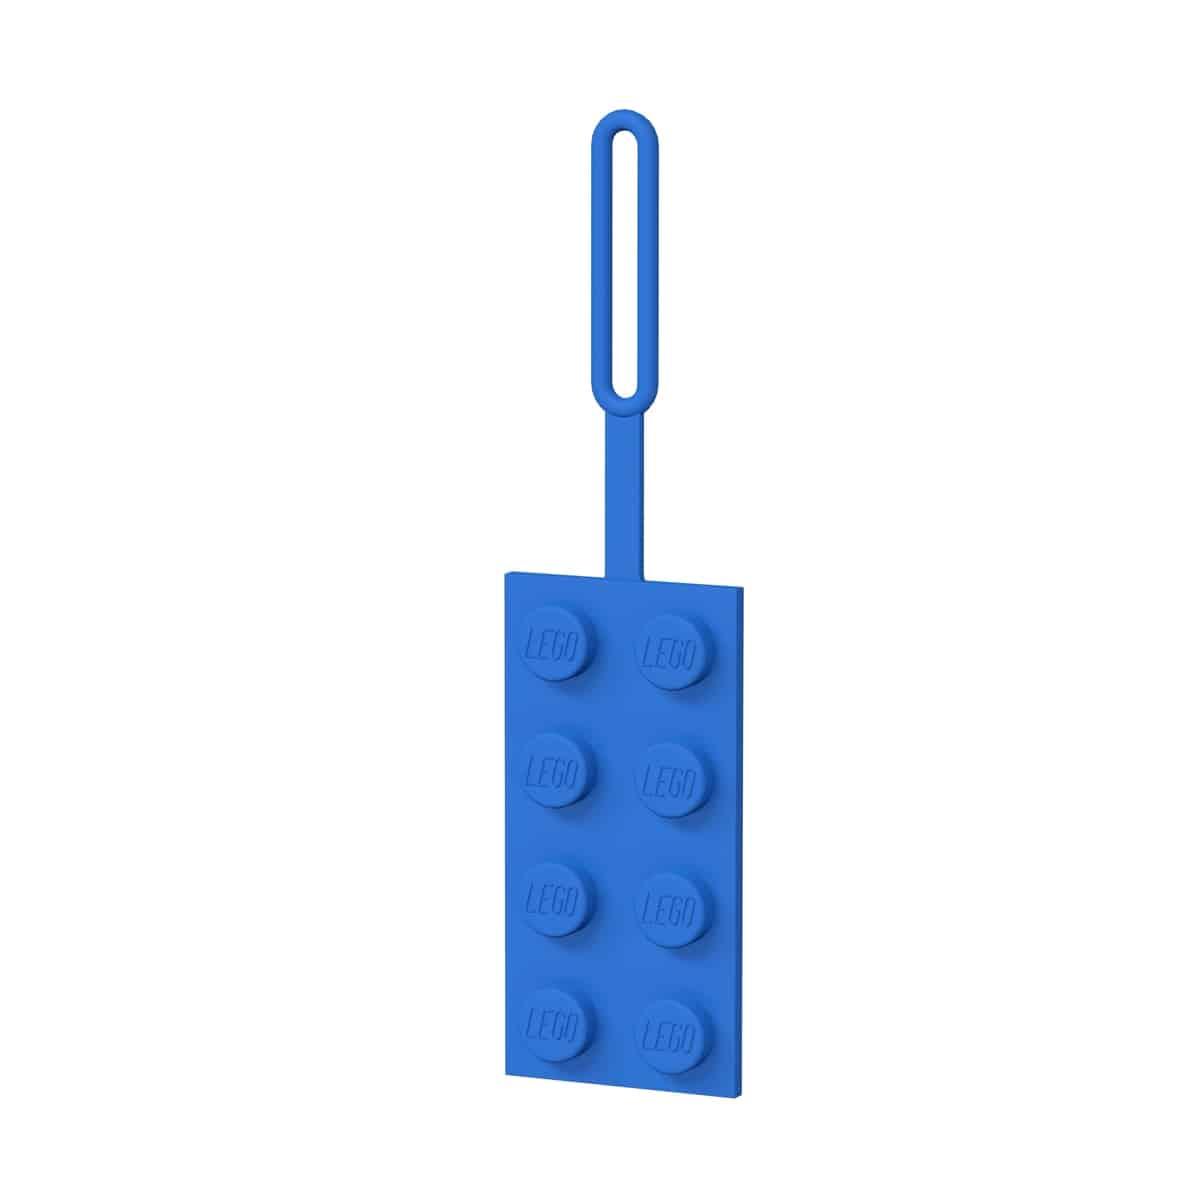 lego 5005543 2x4 blue luggage tag